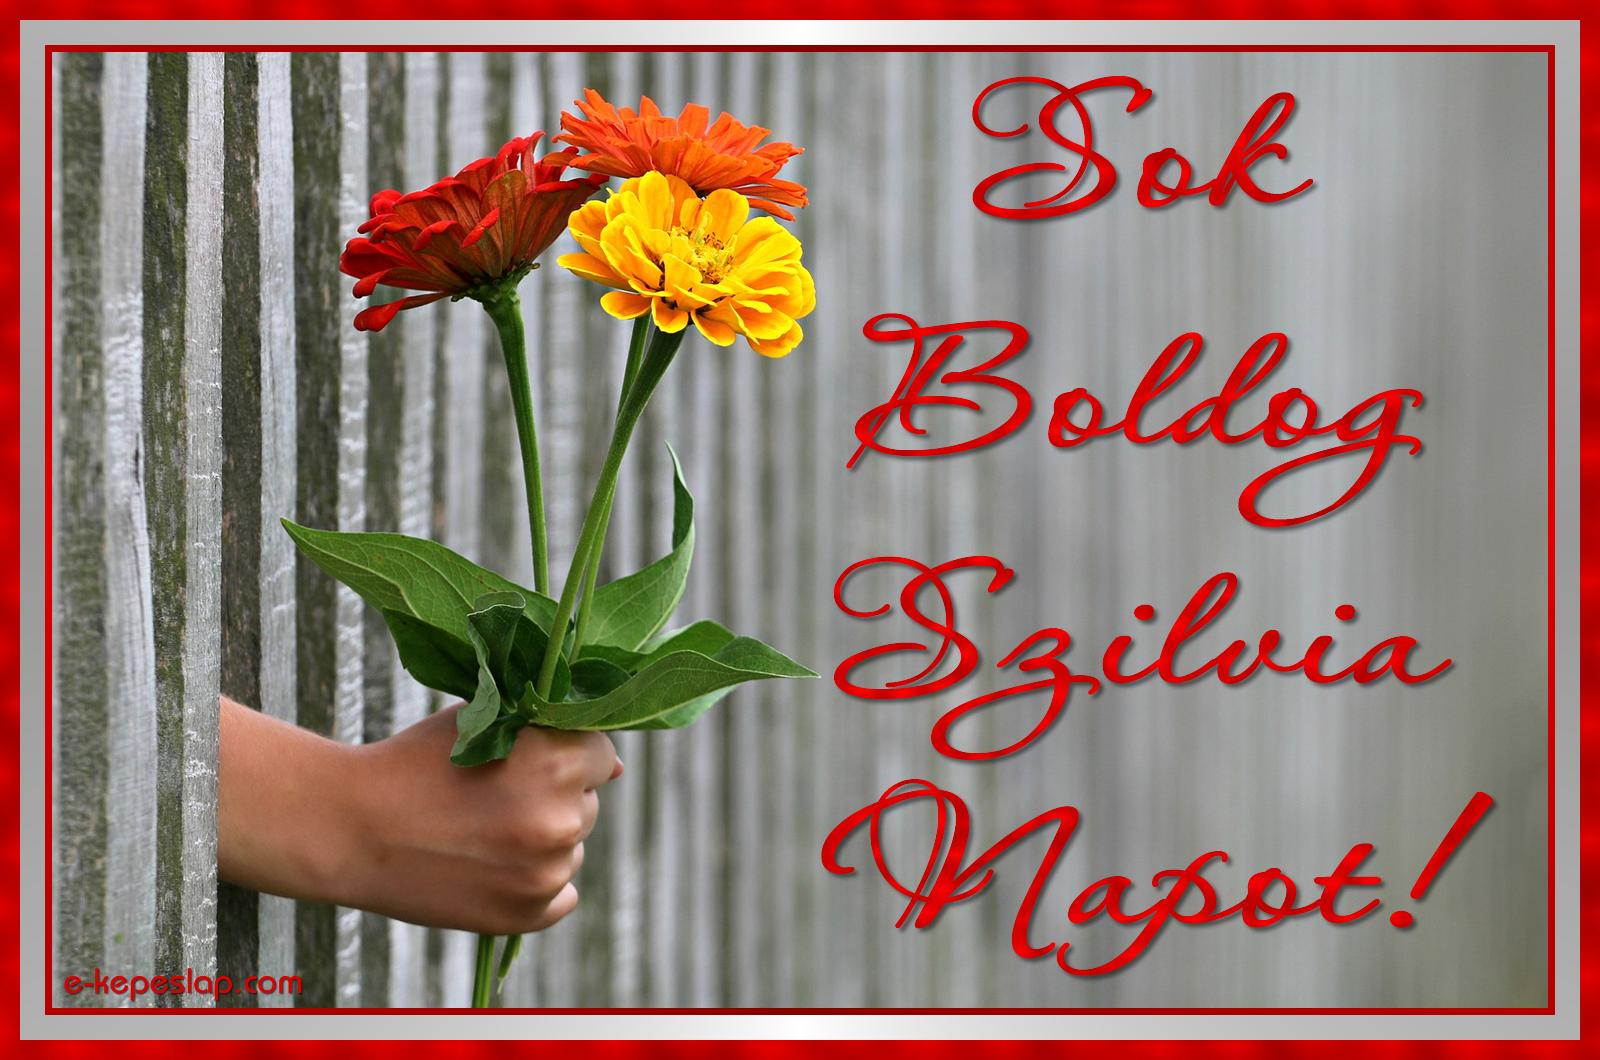 szilvia névnapi képek Képeslap Szilvia névnapra   Képeslapküldés   e kepeslap.com szilvia névnapi képek